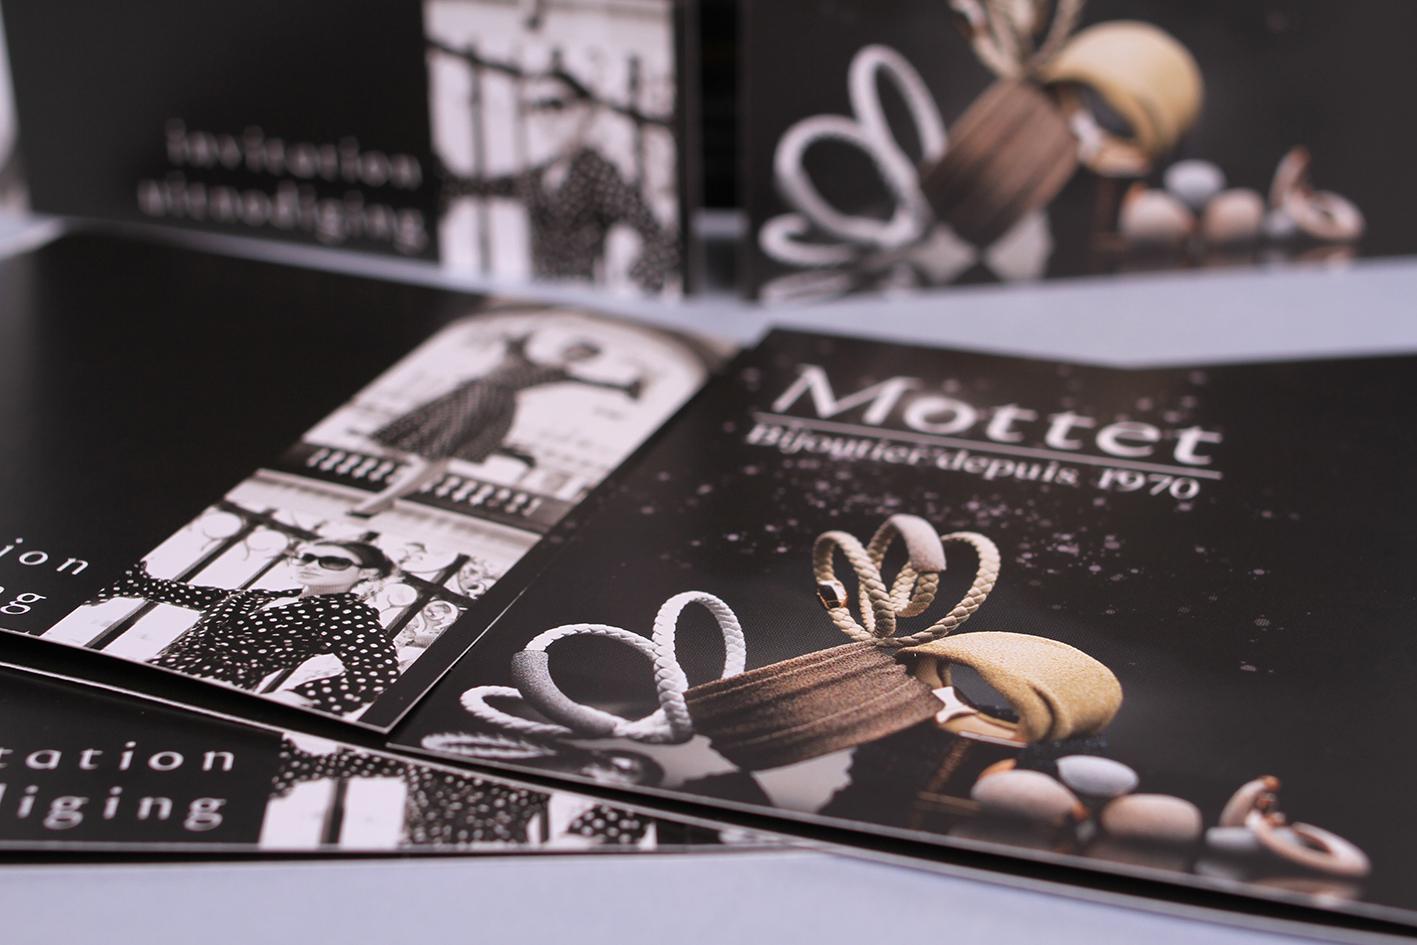 Bijouterie Mottet • Invitation 2014